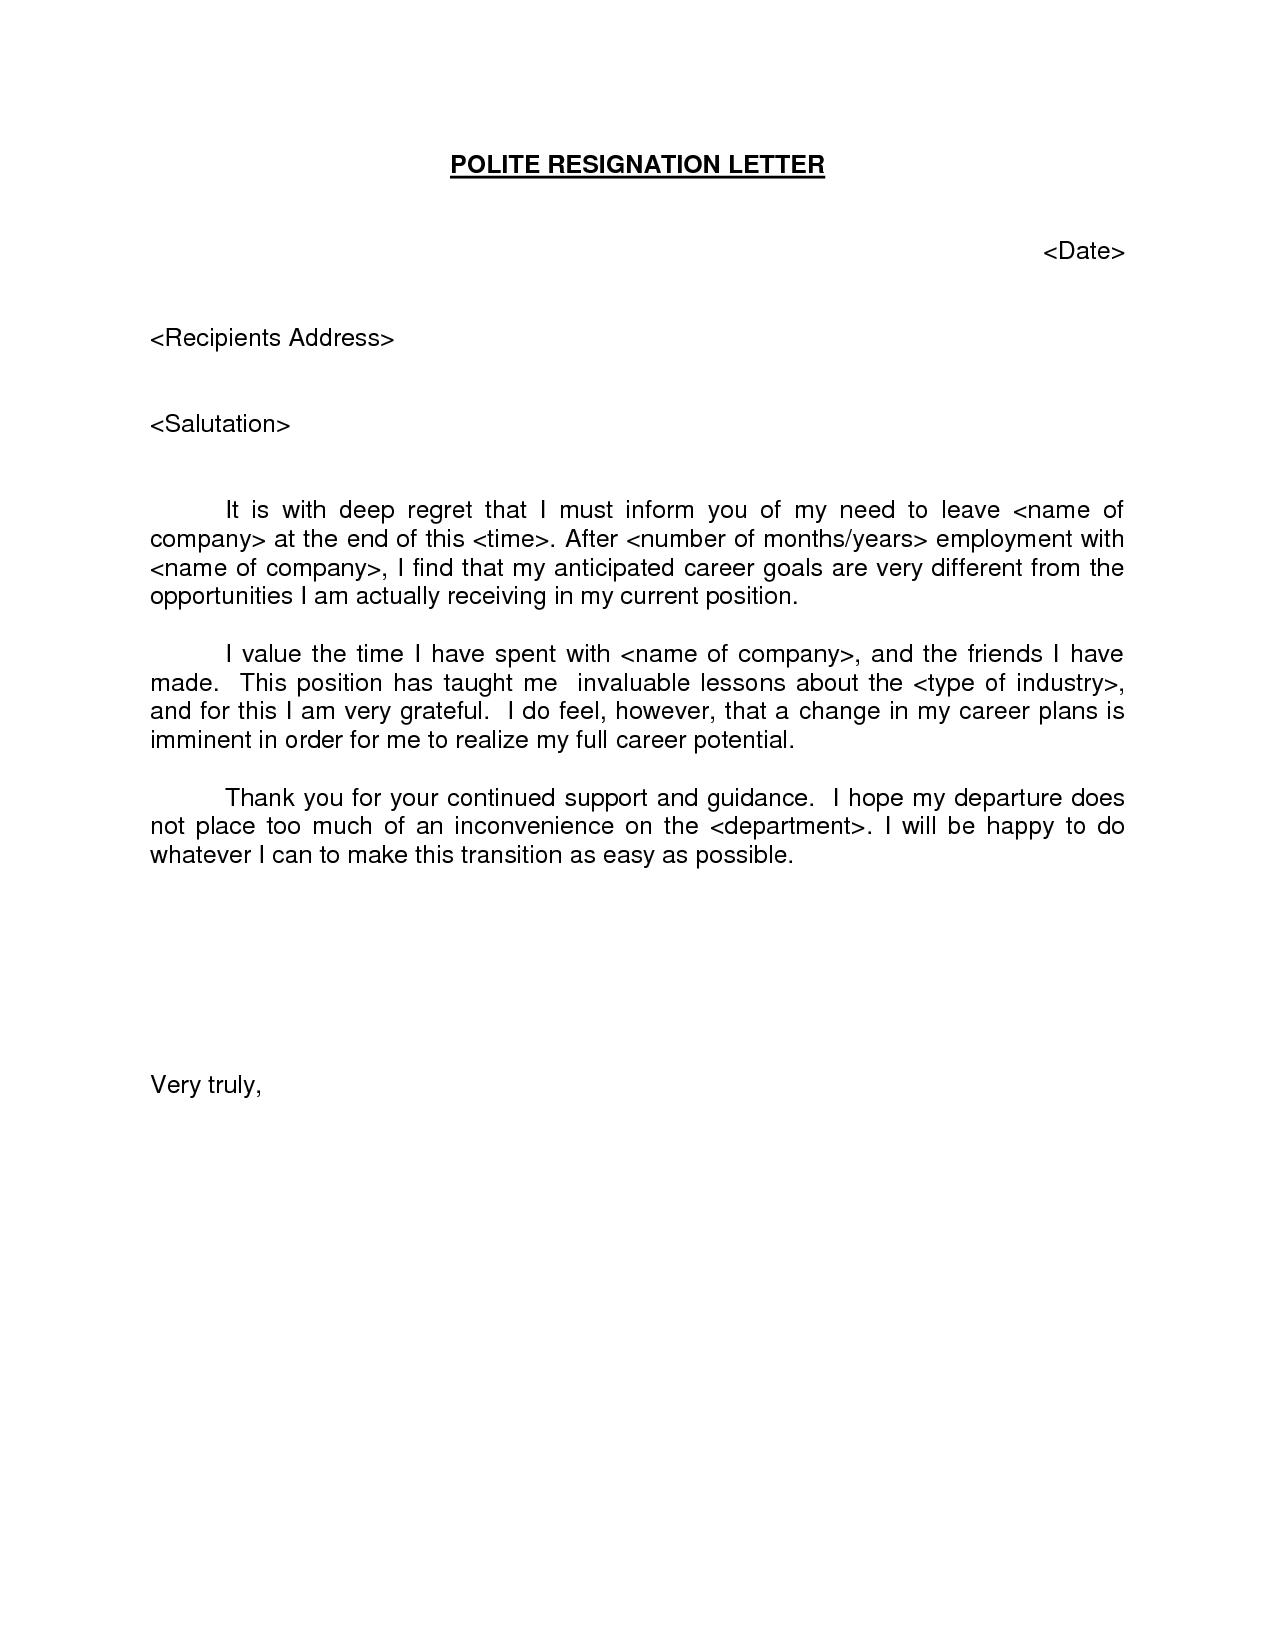 Resignation Letter Email Template - Polite Resignation Letter Bestdealformoneywriting A Letter